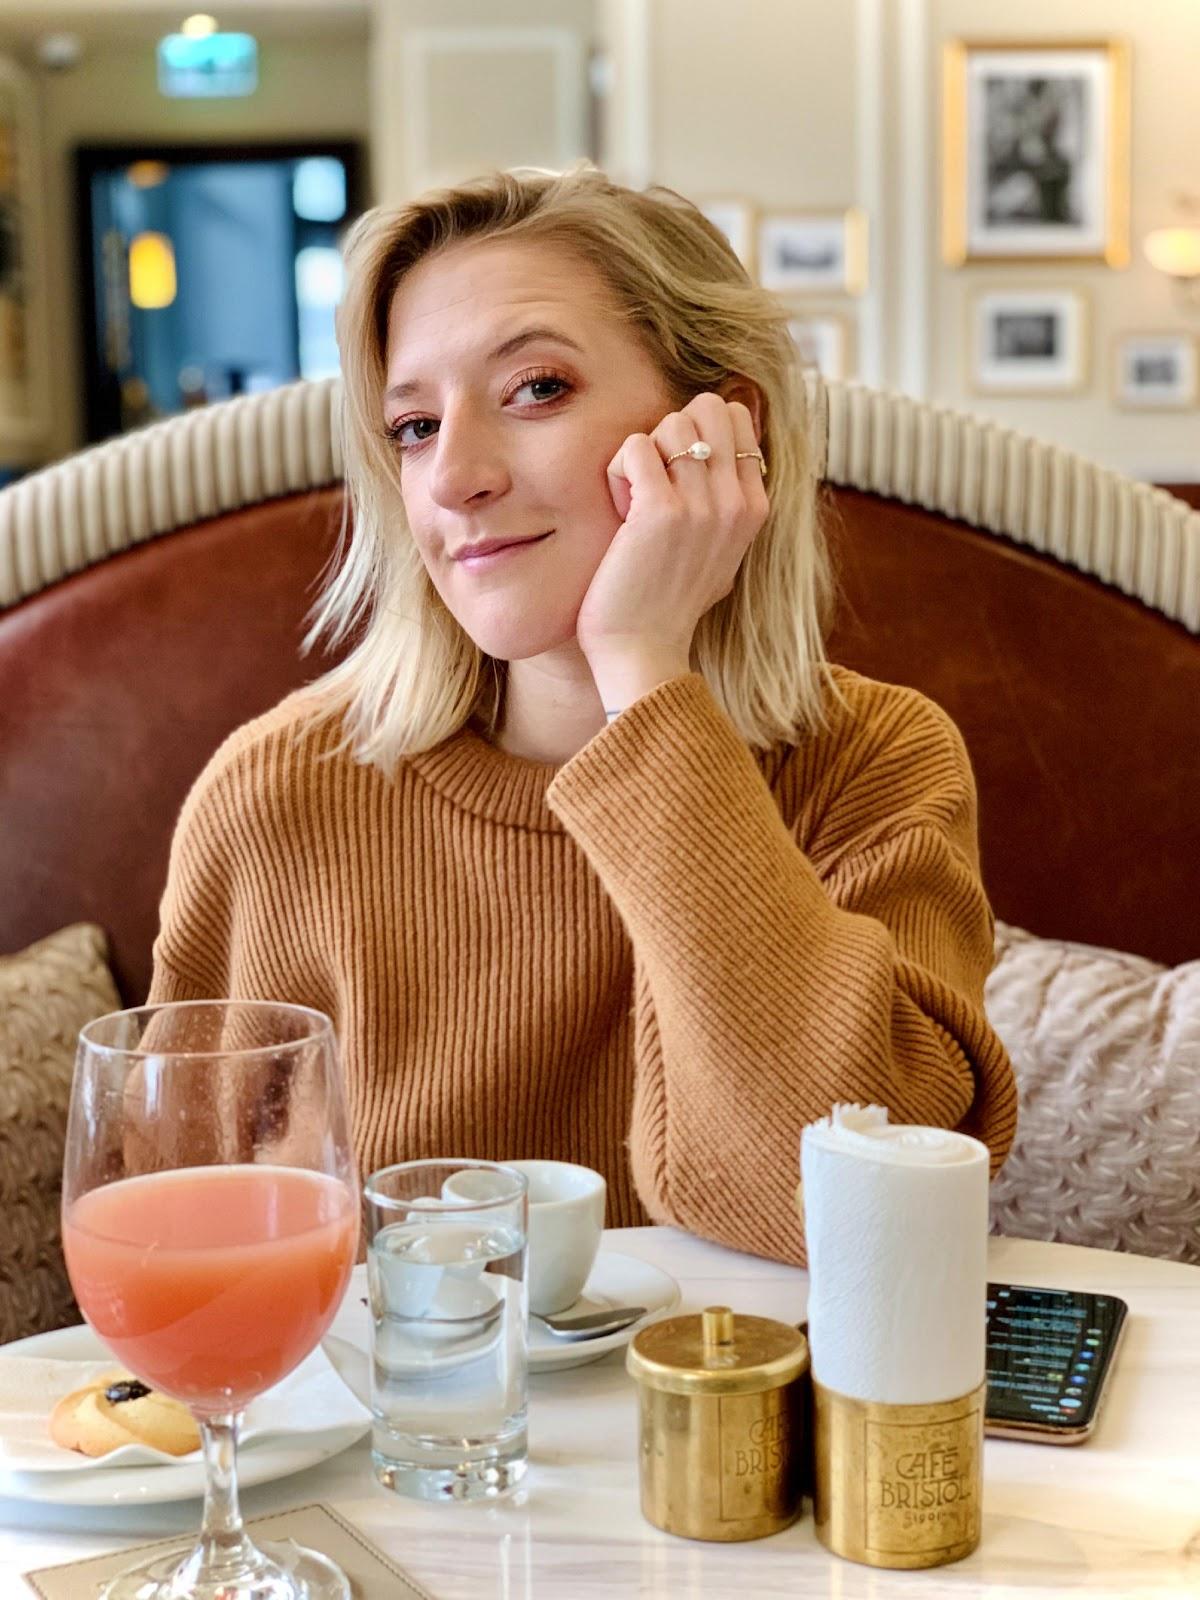 Obraz zawierający osoba, stół, kubek, kawa  Opis wygenerowany automatycznie